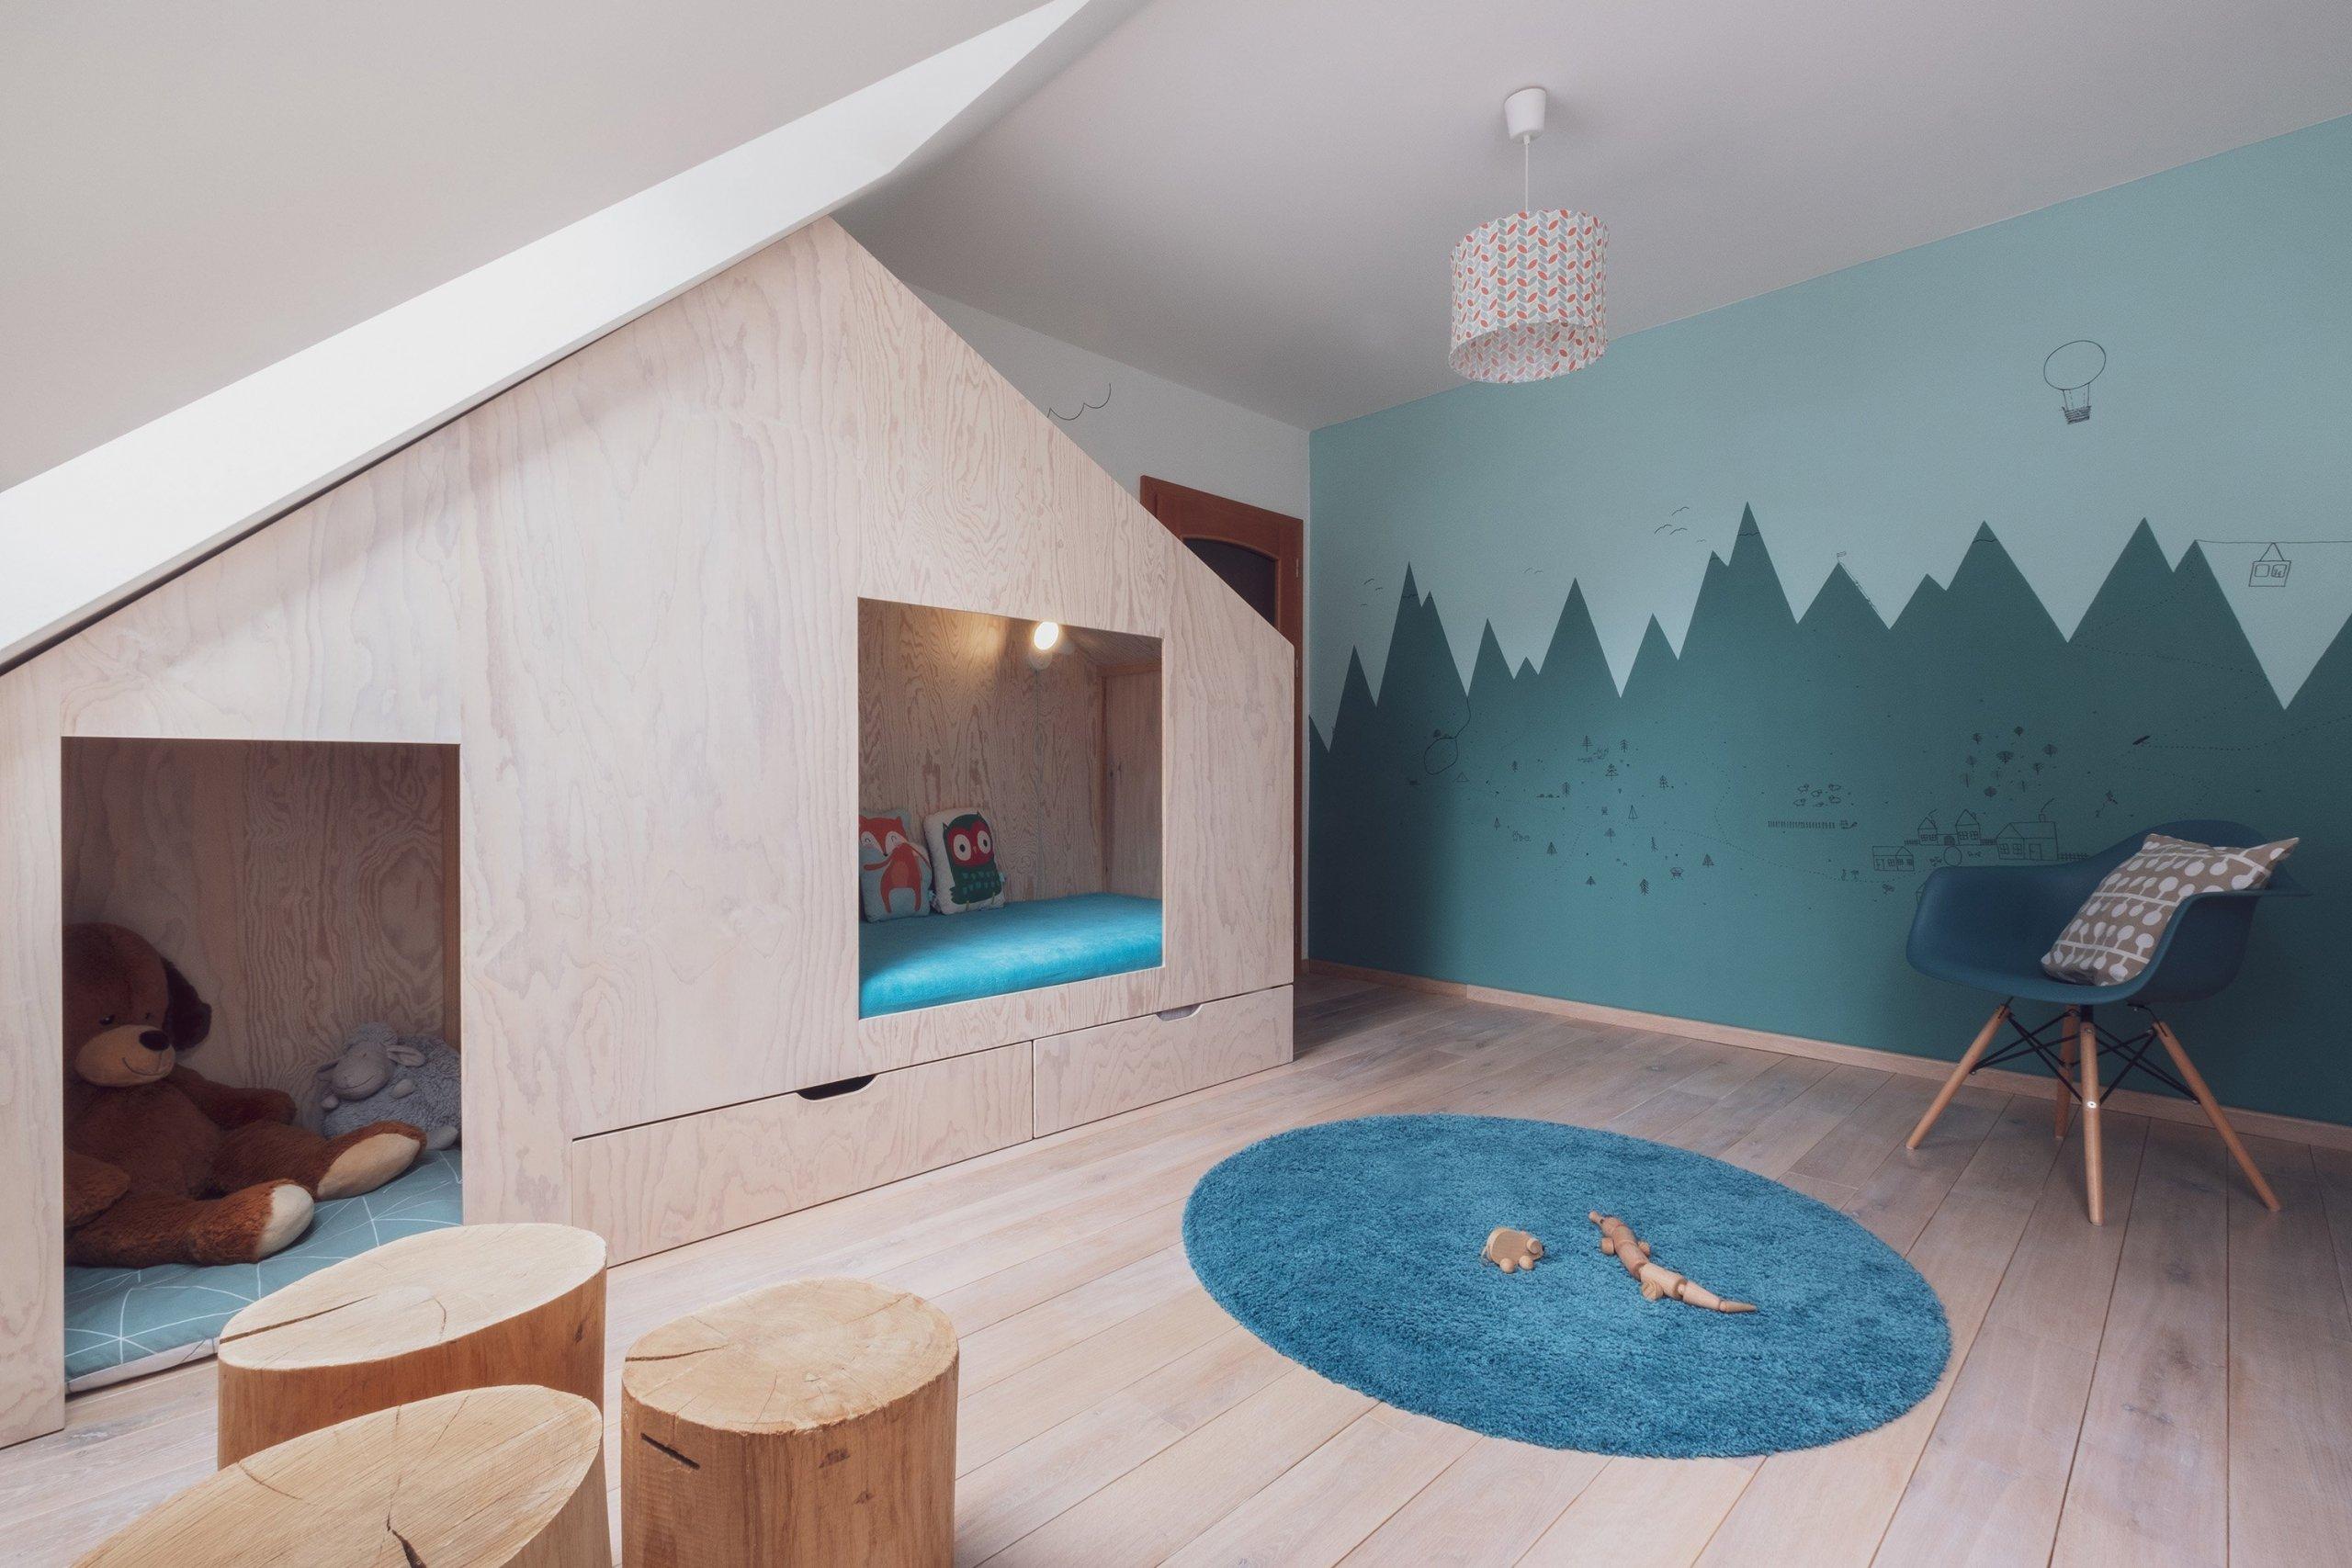 Možná je to Vítkovo první dům, možná je to hájovna na kraji lesa? Každopádně to je doupě, znaší oblíbené mořené překližky, sprůhledy, bunkrem,…